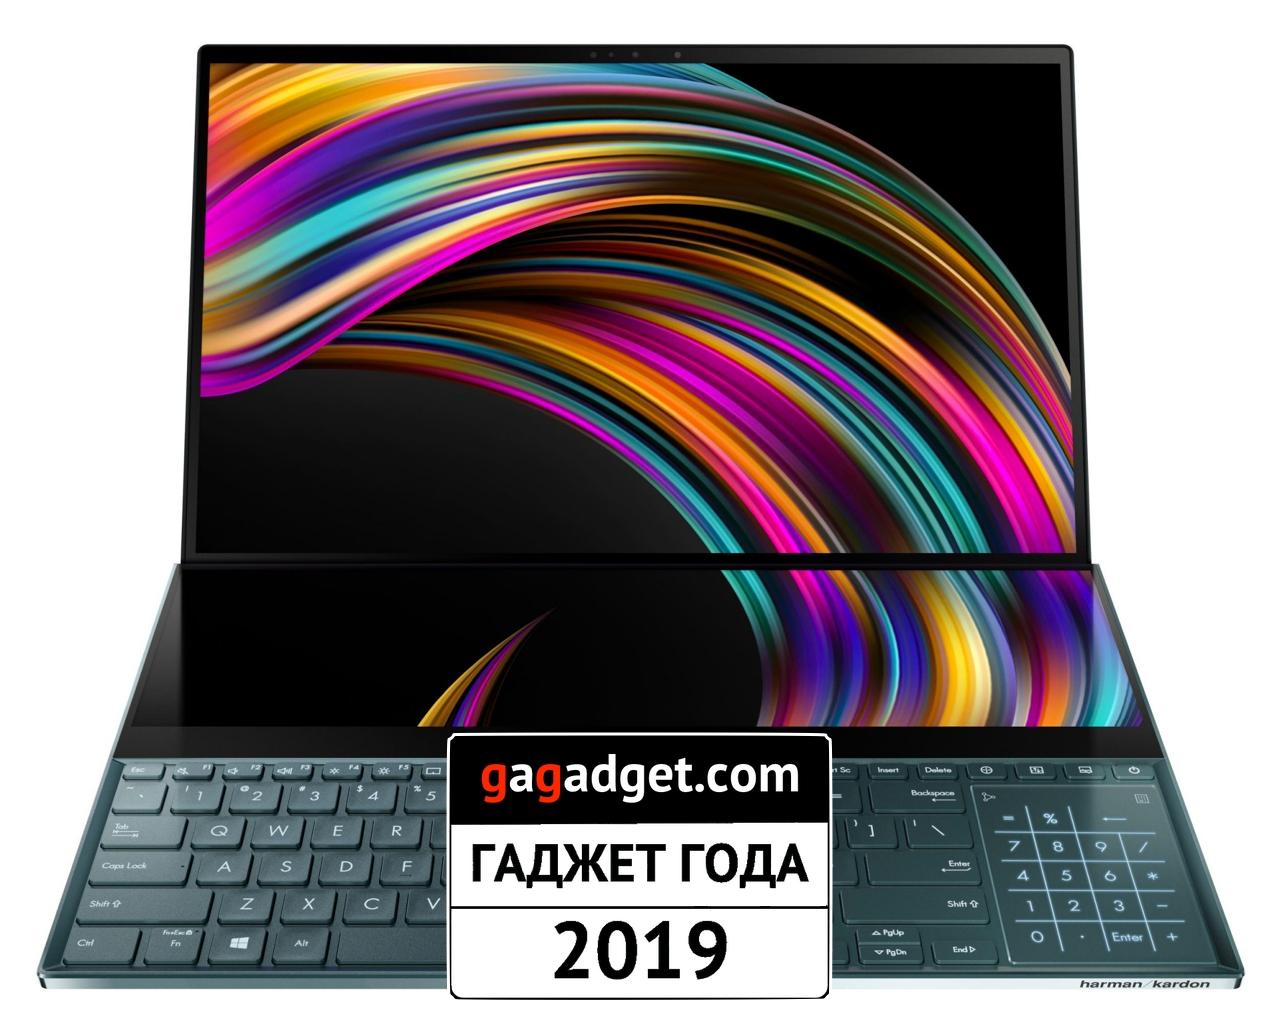 Итоги 2019 года: гаджеты, благодаря которым мы запомним уходящий год